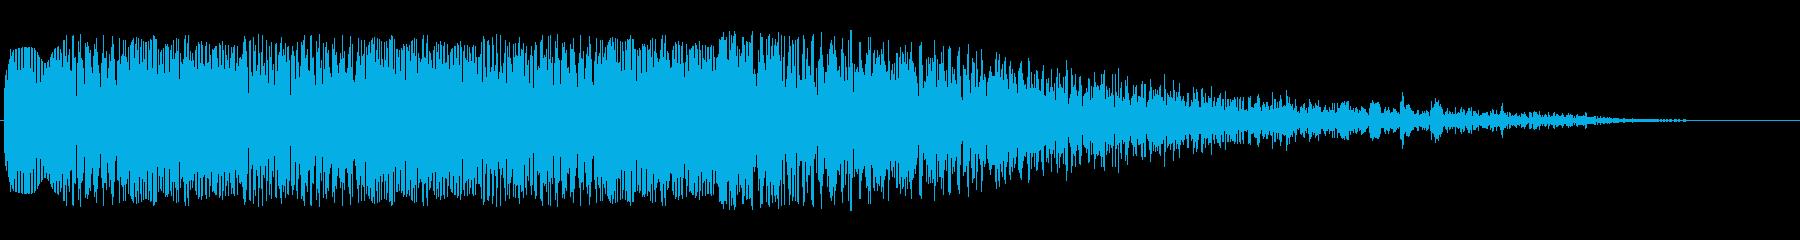 ニュース番組等のオープニング音の再生済みの波形